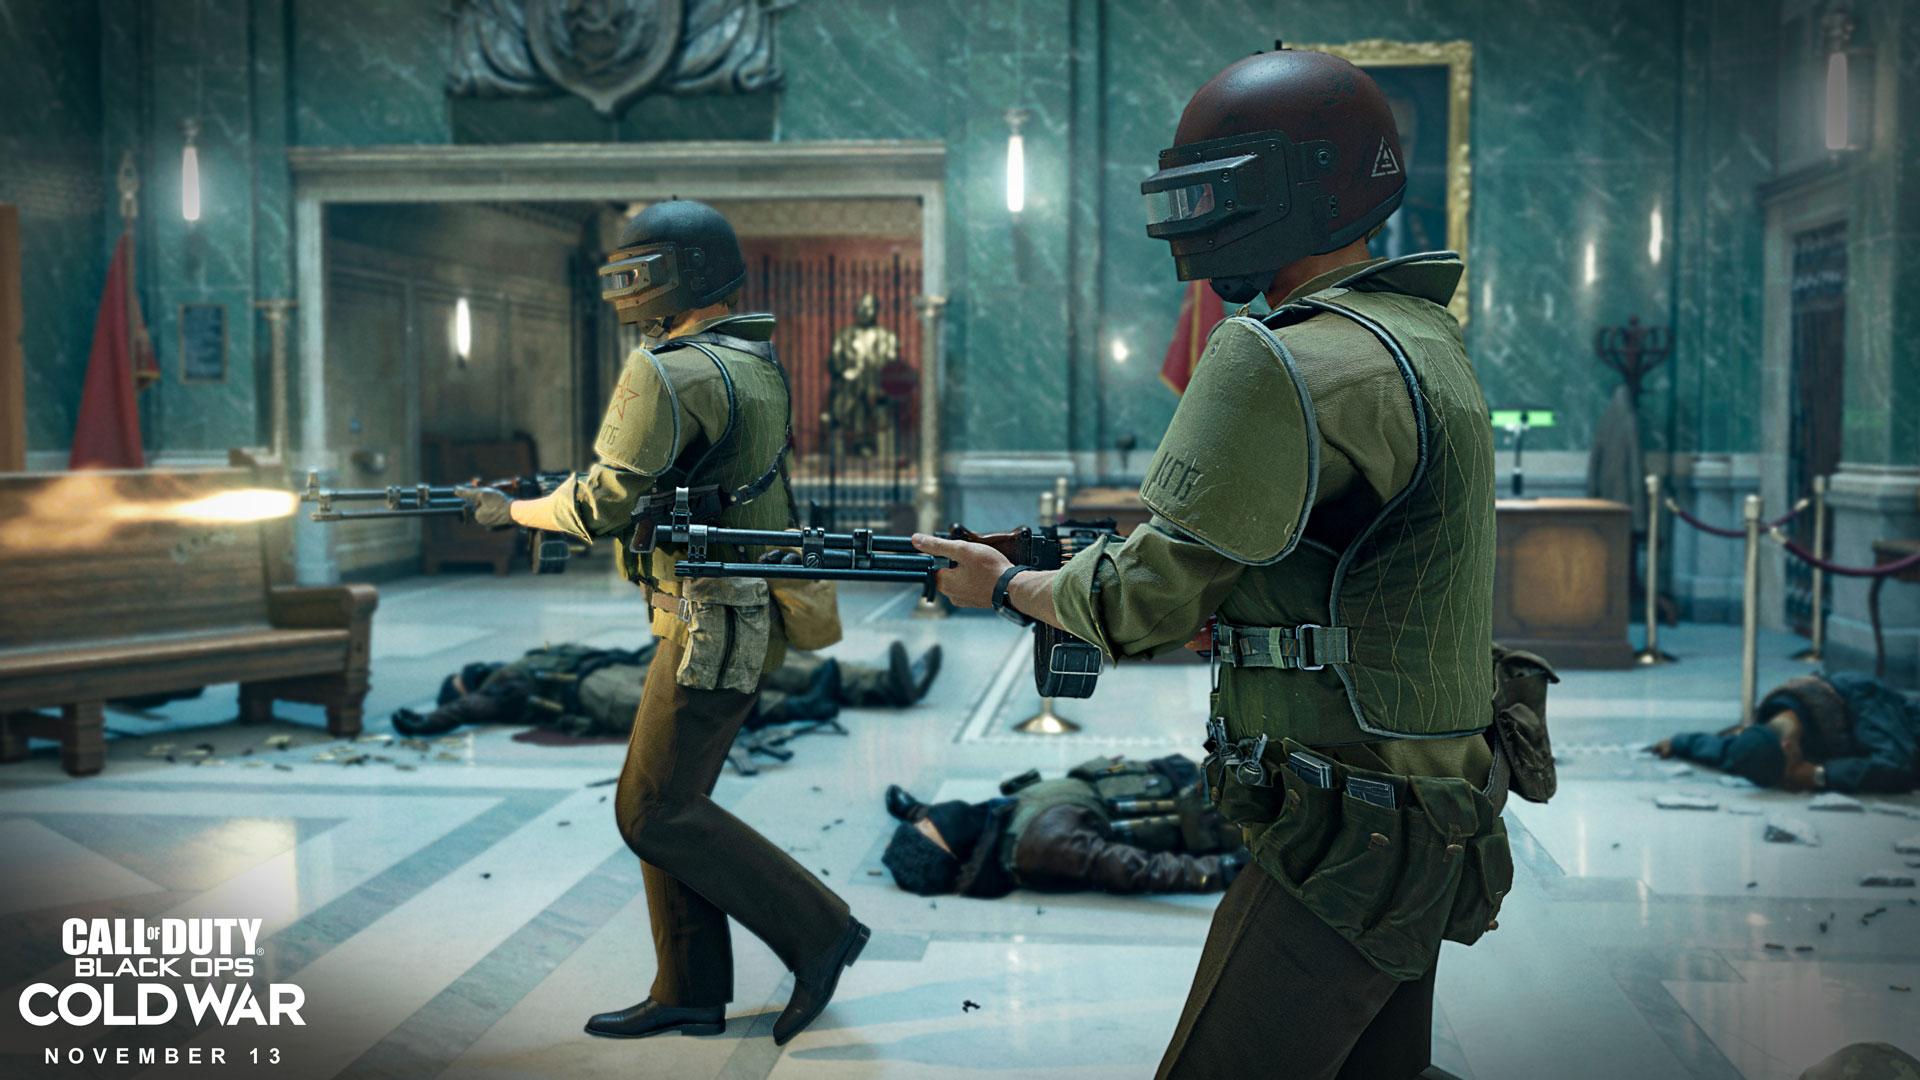 Eine Spielszene aus dem Game Call of Duty: Black Ops Cold War